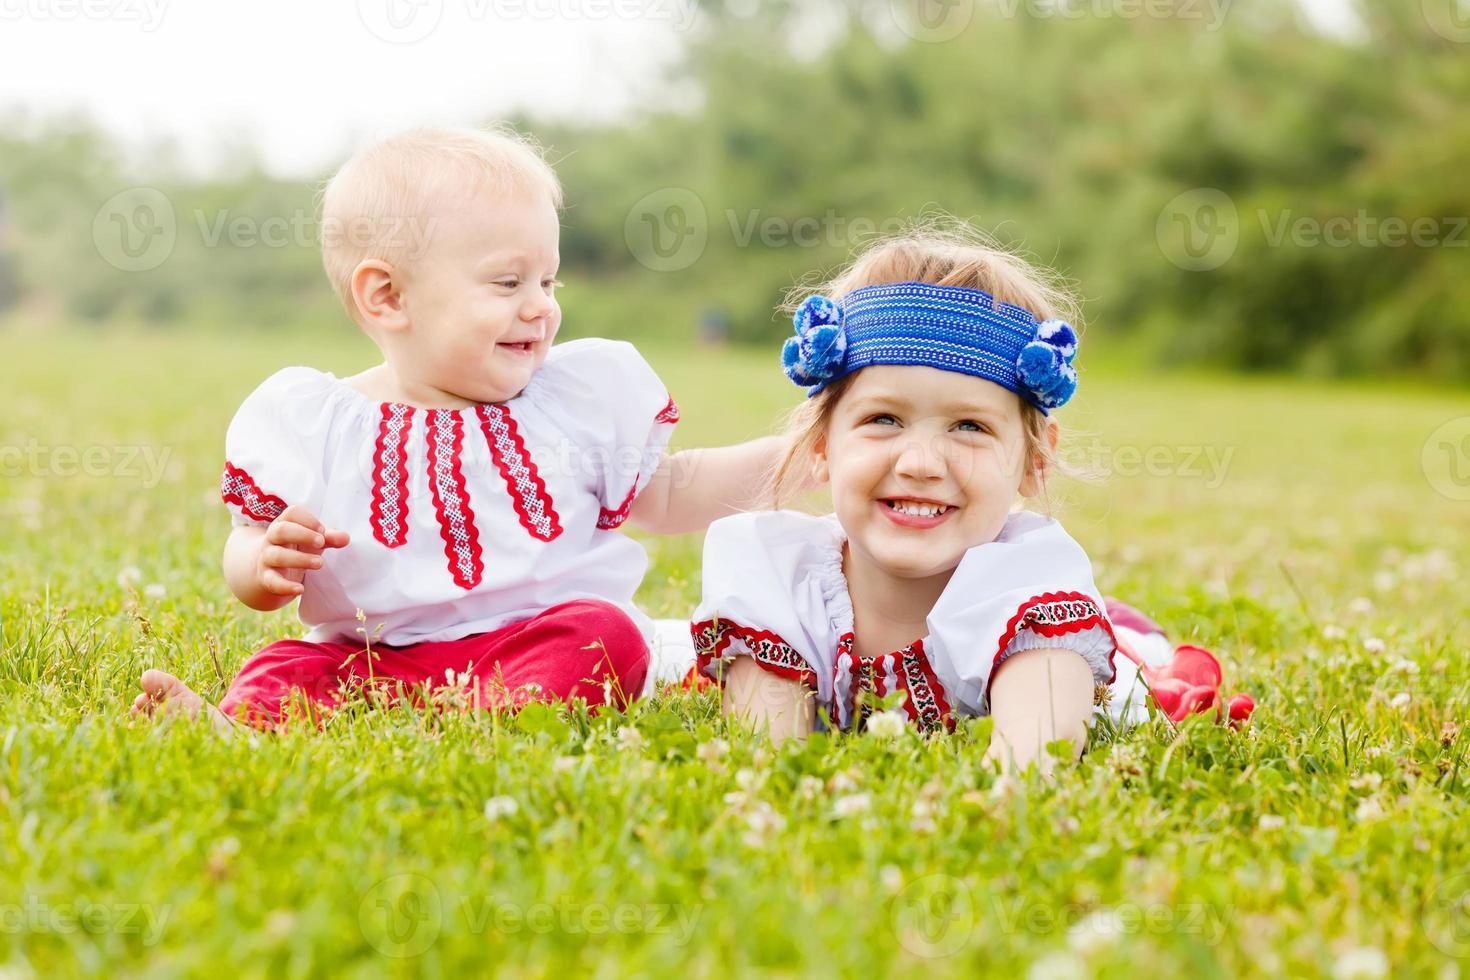 kinderen in volkskleren foto